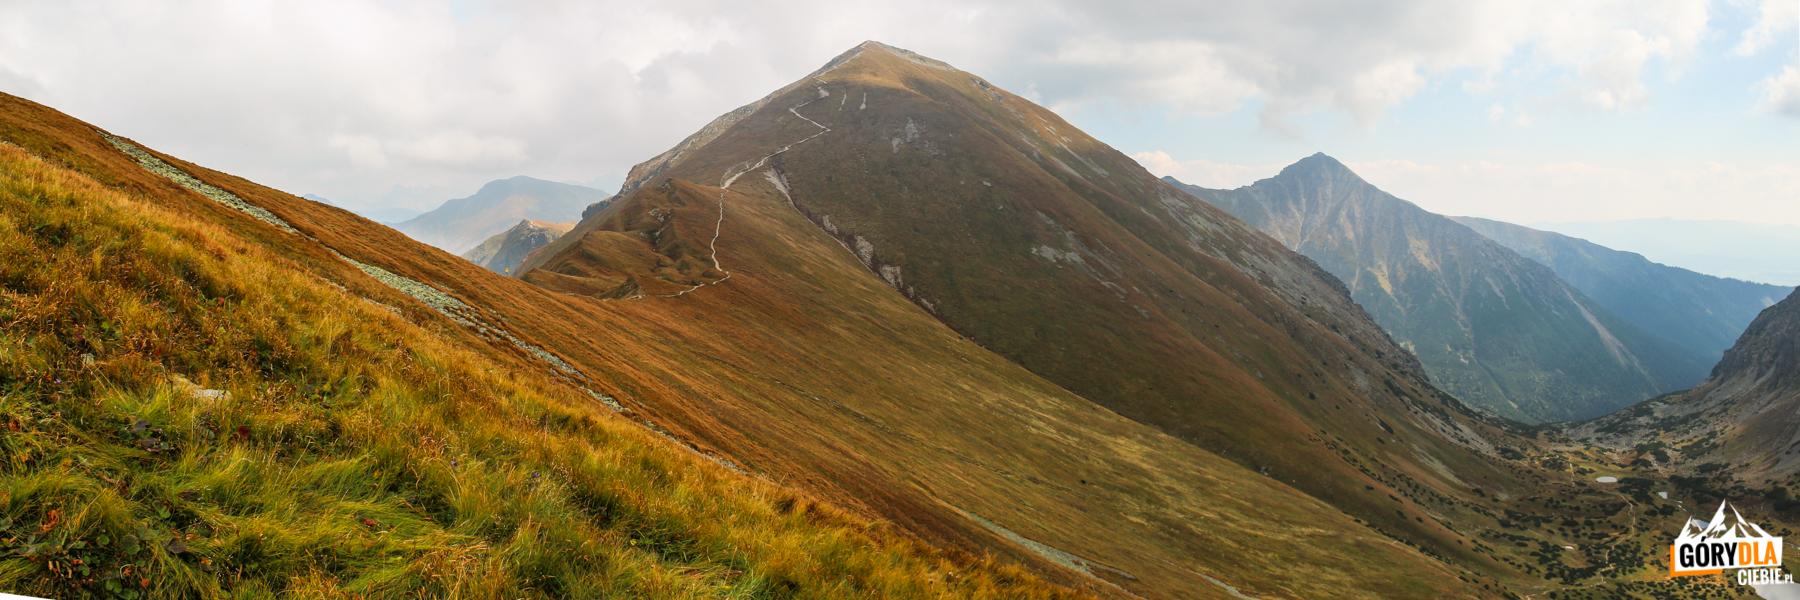 Widok zgrani pomiędzy Kończystym Wierchem (2002 m), aJarząbczym Wierchem (2137 m) naStarorobociański Wierch (2175 m) iZadnią Kopę (2162 m)